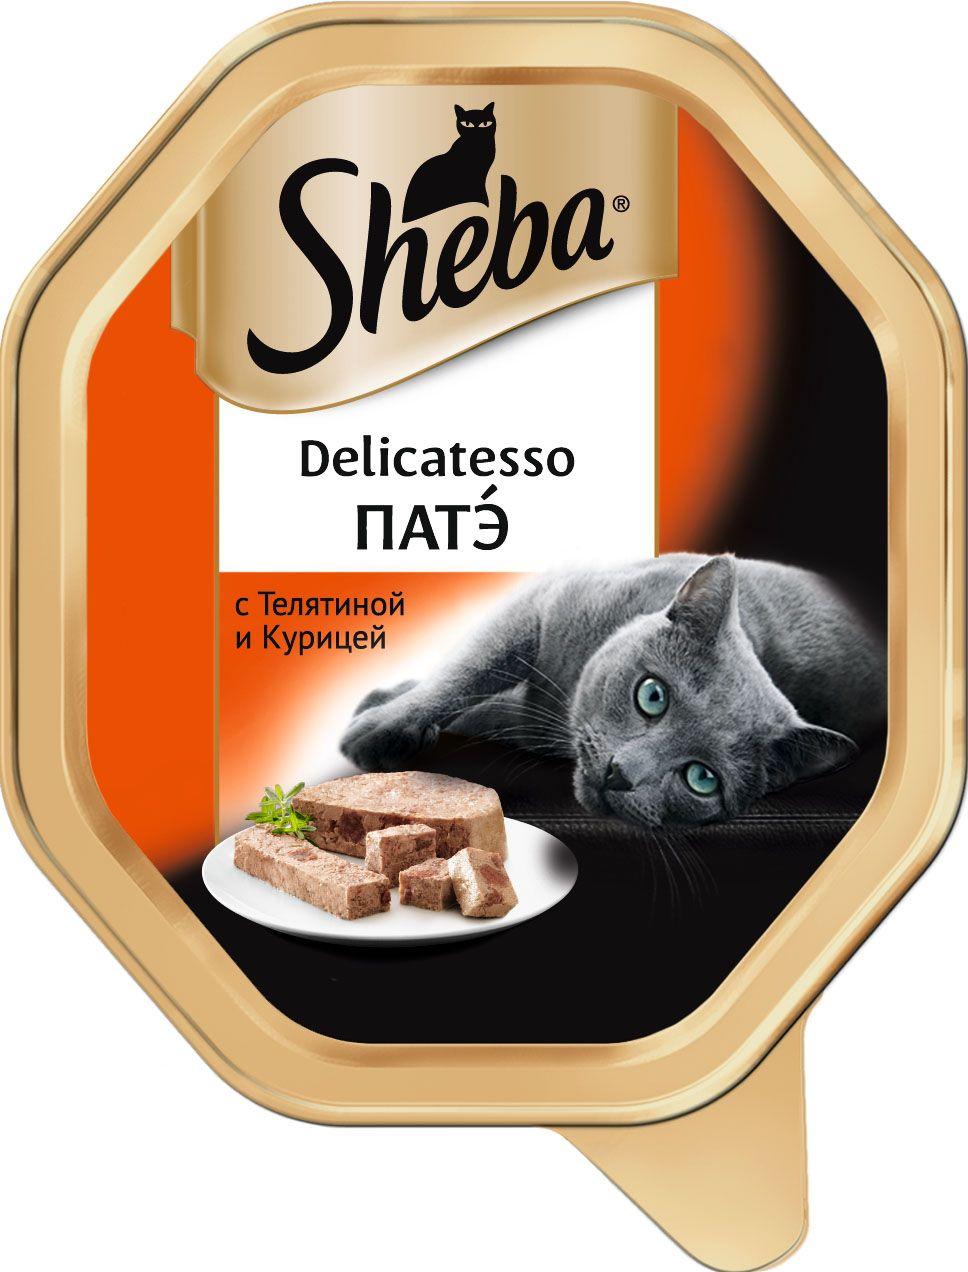 Корм консервированный Sheba Delicatesso, для взрослых кошек, от 1 года, патэ телятина с курицей, 85 г х 22 шт80688Консервированный корм Sheba Delicatesso предназначен для взрослых кошек от 1 года. Насыщенный мясной вкус и необычное сочетание паштета и мясных ломтиков не оставит вашу любимицу равнодушной, а особая сервировка подчеркнет все богатство вкусаизысканного деликатеса! В состав корма входят мясо и мясные ингредиенты самого высокого качества, а также витамины, злаки, таурин и минеральные вещества. Каждый ломтик бережно обварен и полит нежным соусом. В составе нет сои, консервантов, искусственных красителей и усилителей вкуса.Товар сертифицирован.